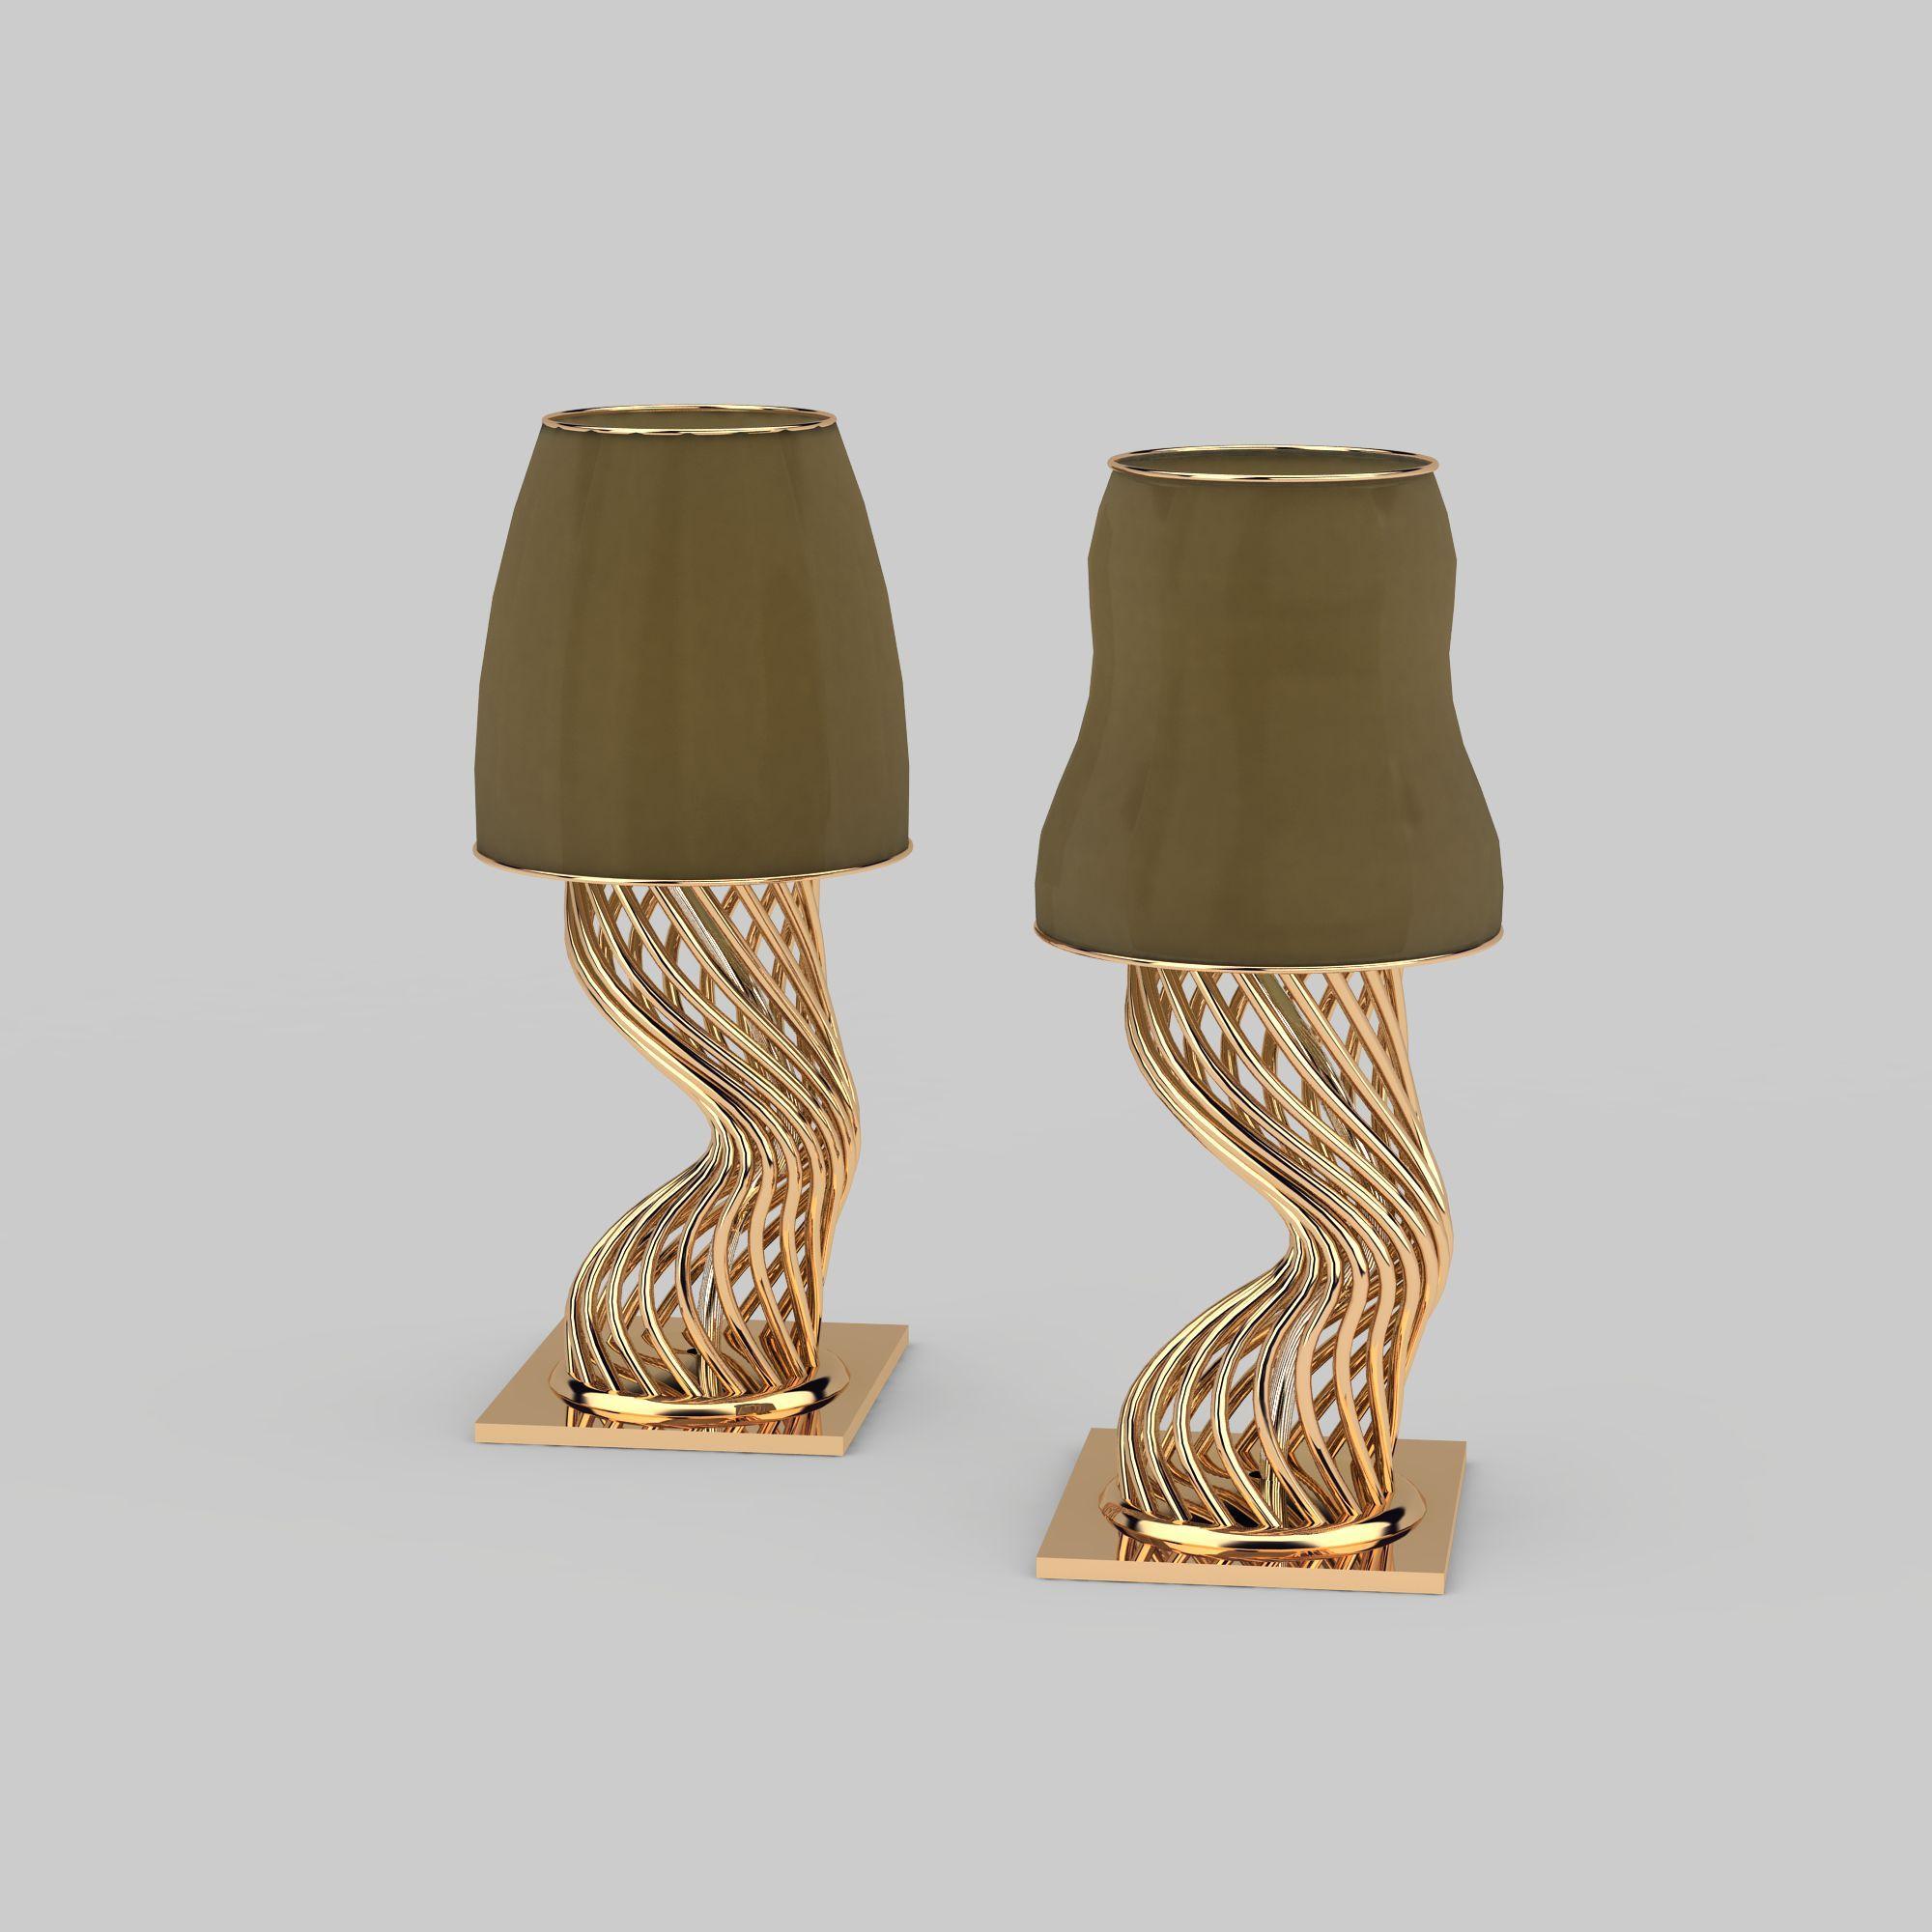 台灯 创意台灯3d模型 创意台灯png高清图  创意台灯高清图详情 设计师